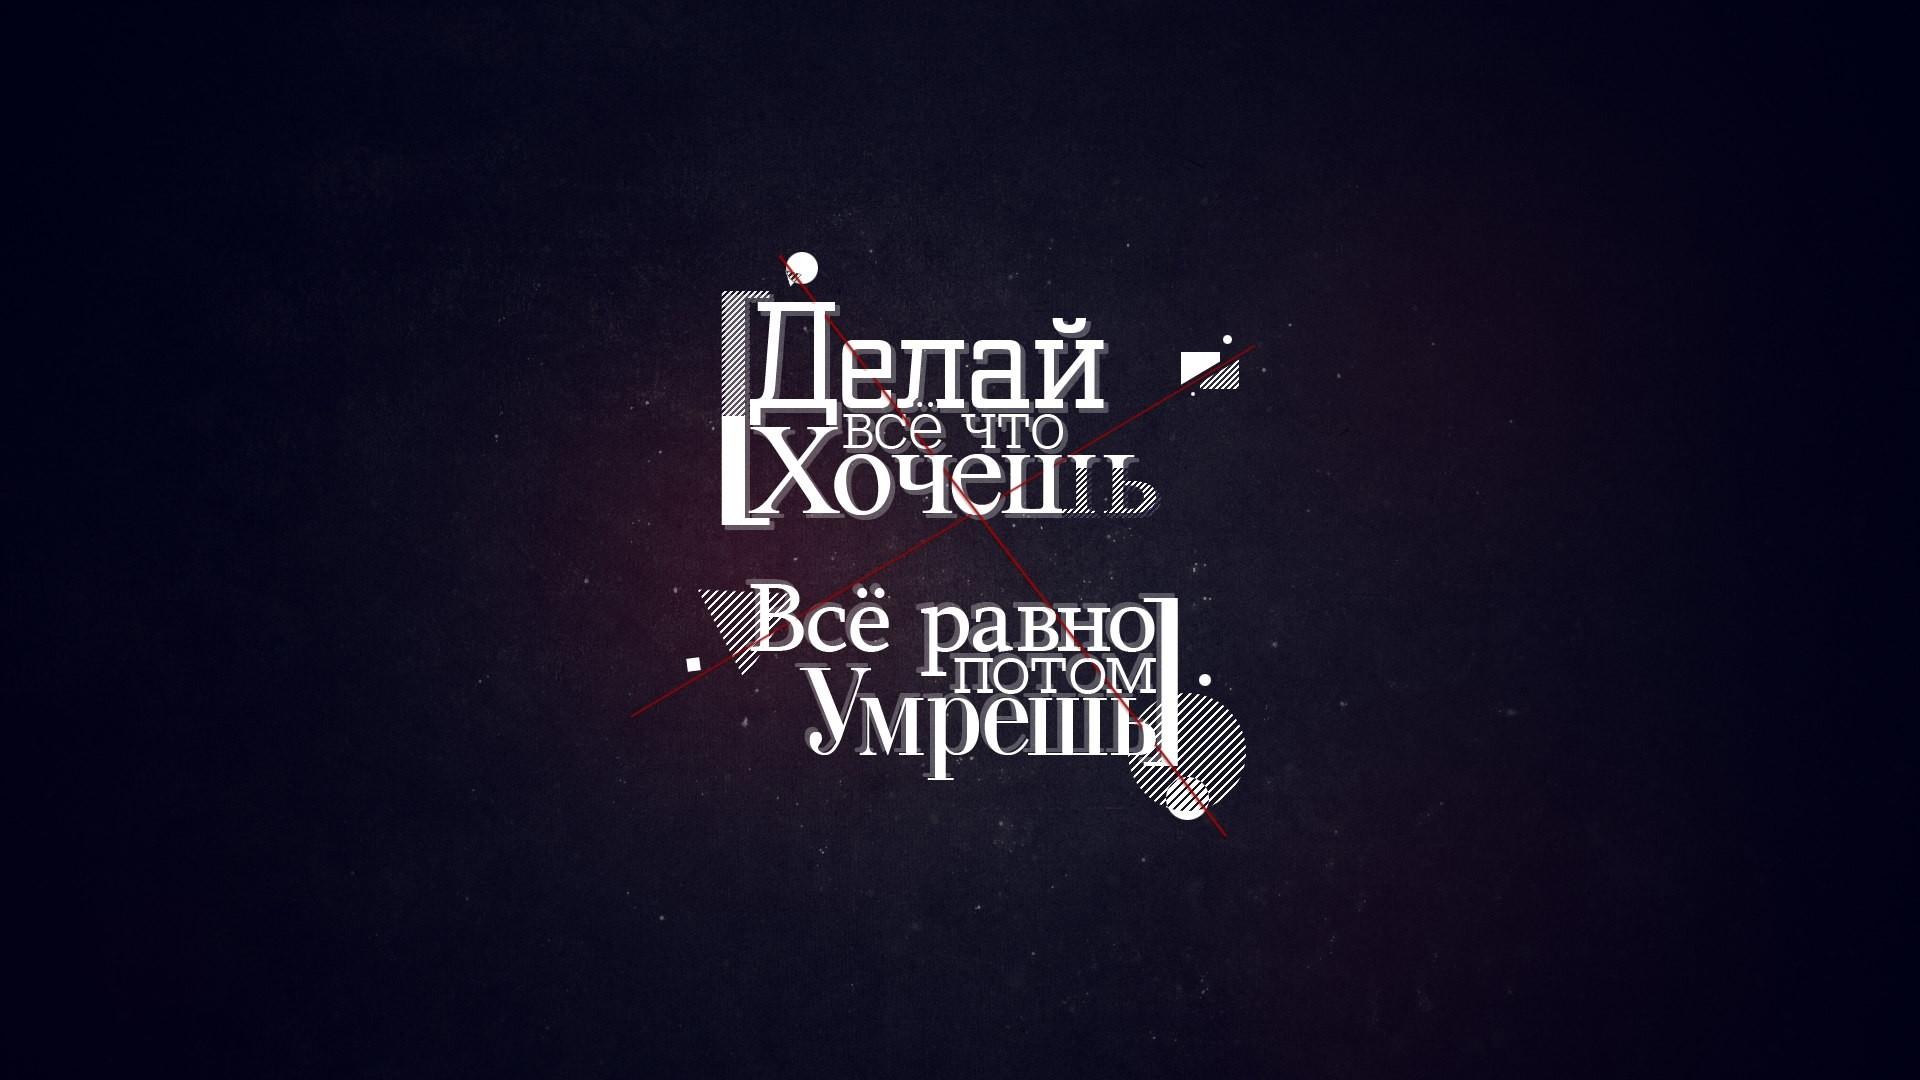 Обои со смыслом с надписями на русском, картинки